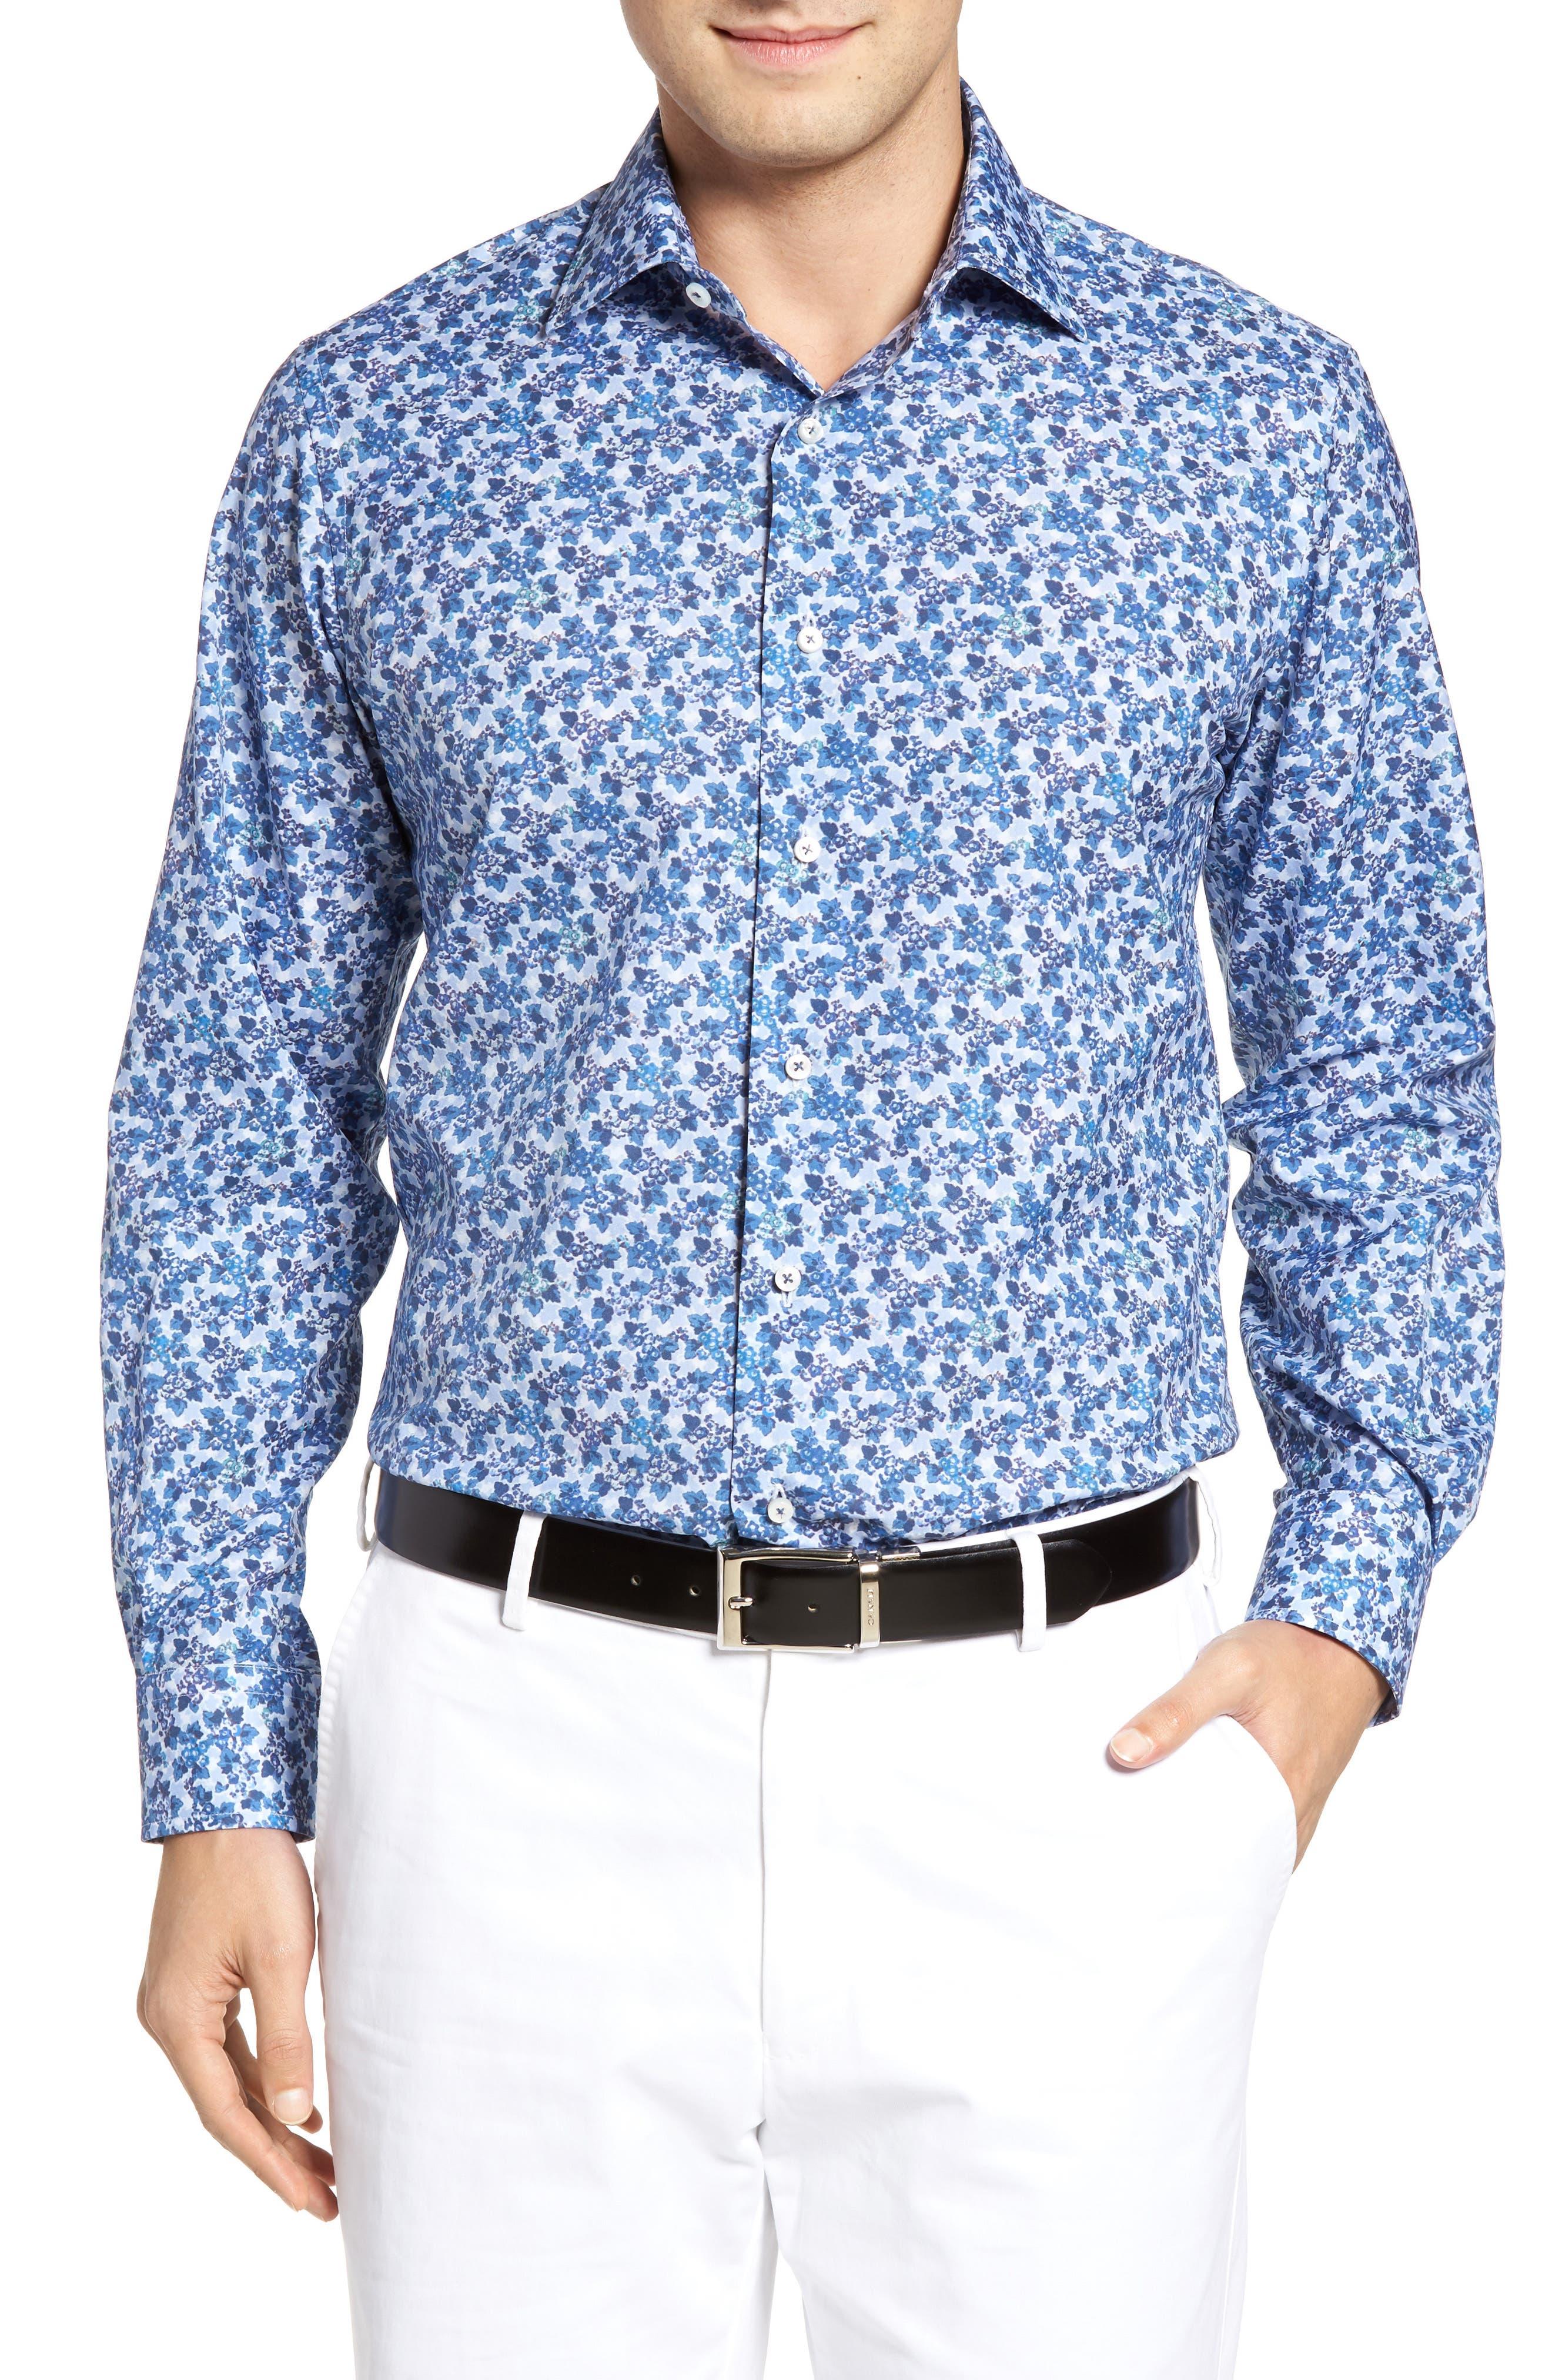 Robert Talbott Estate Tailored Fit Floral Sport Shirt